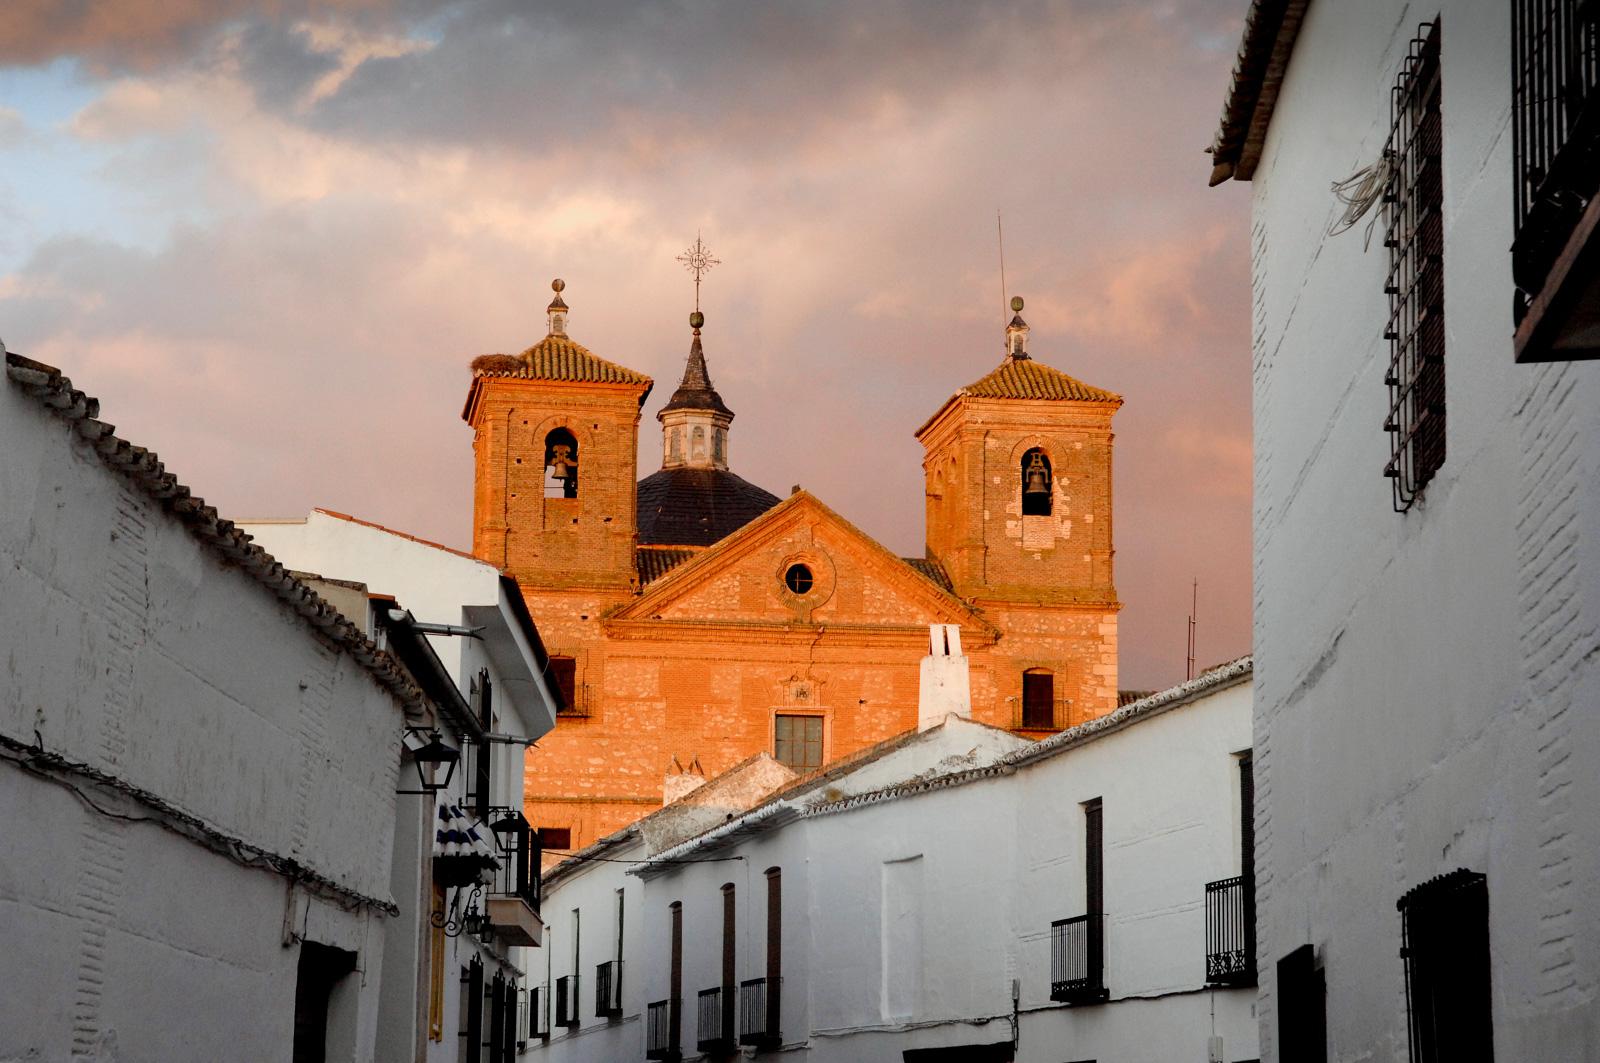 La refulgente iglesia de San Bartolomé. Foto: Manuel Ruiz Toribio.